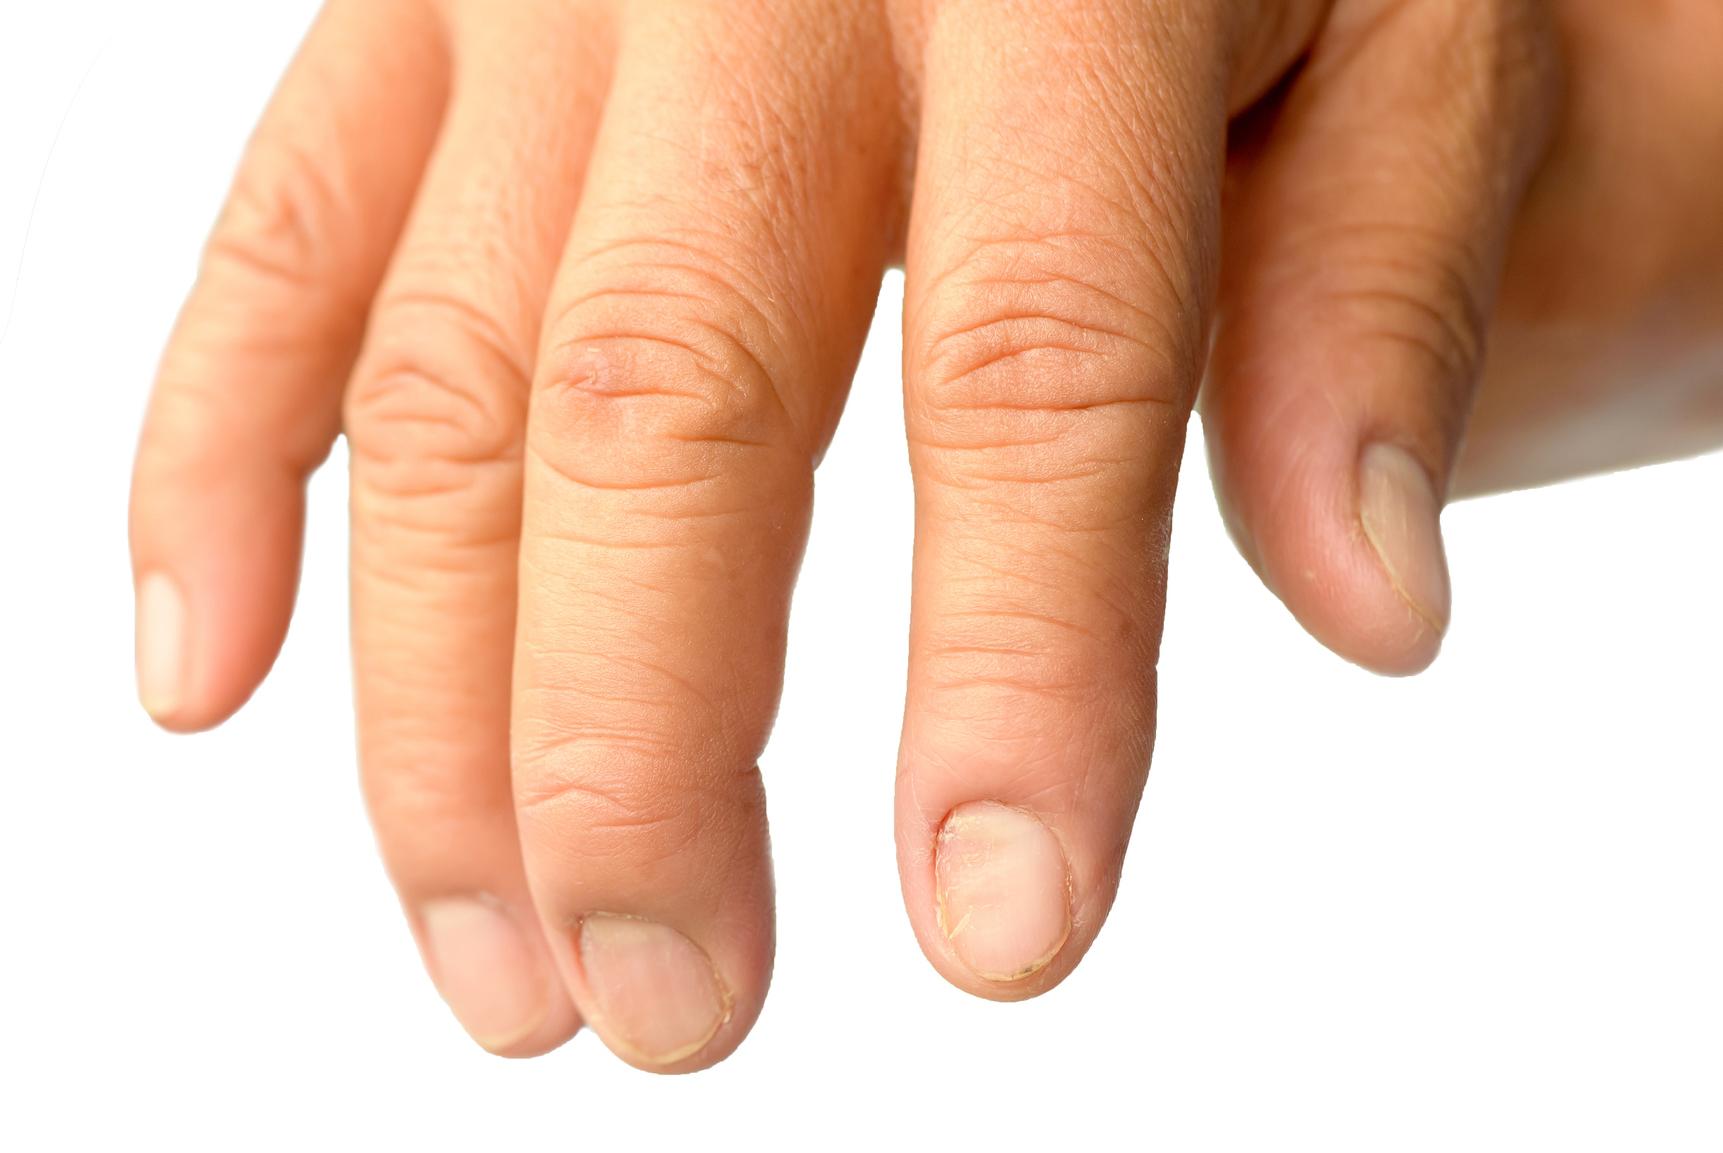 amarant olaj kezelése pikkelysömörhöz vörös foltok a sertésekben a bőrön